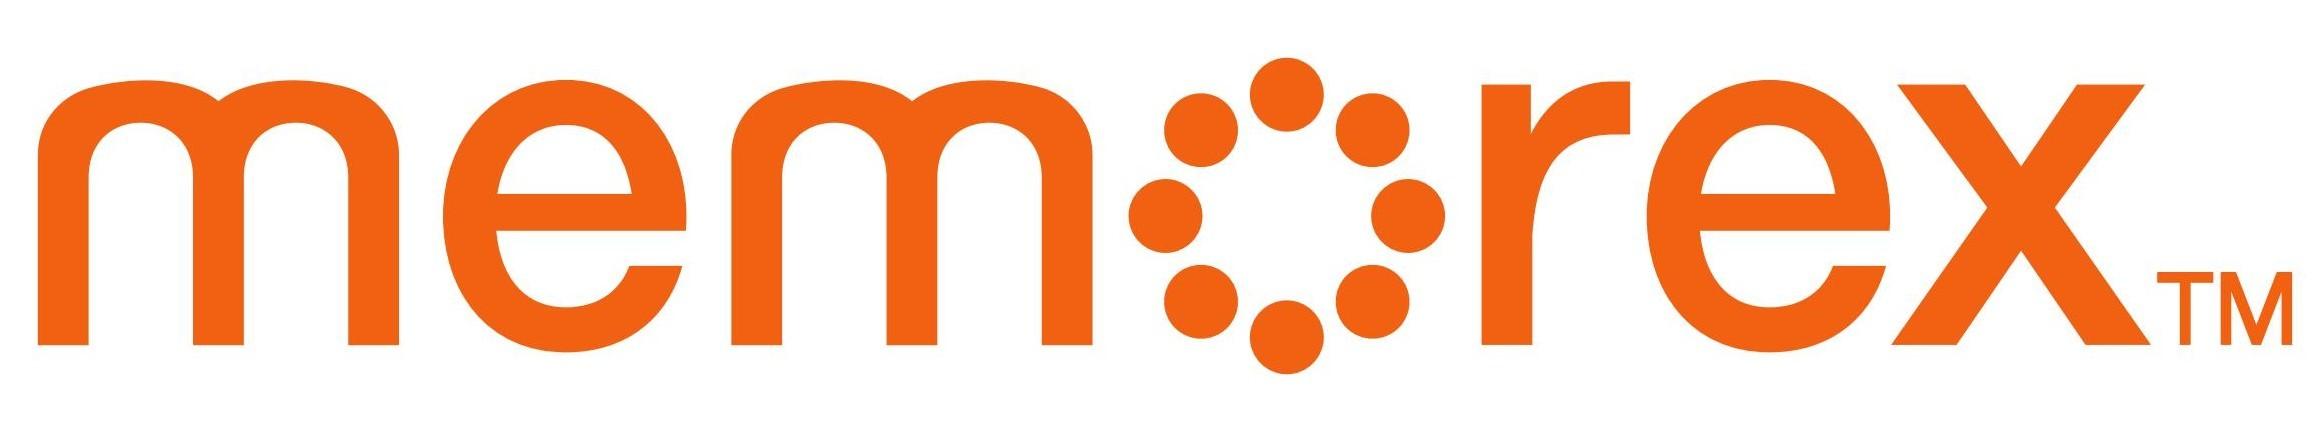 memorex logo vector